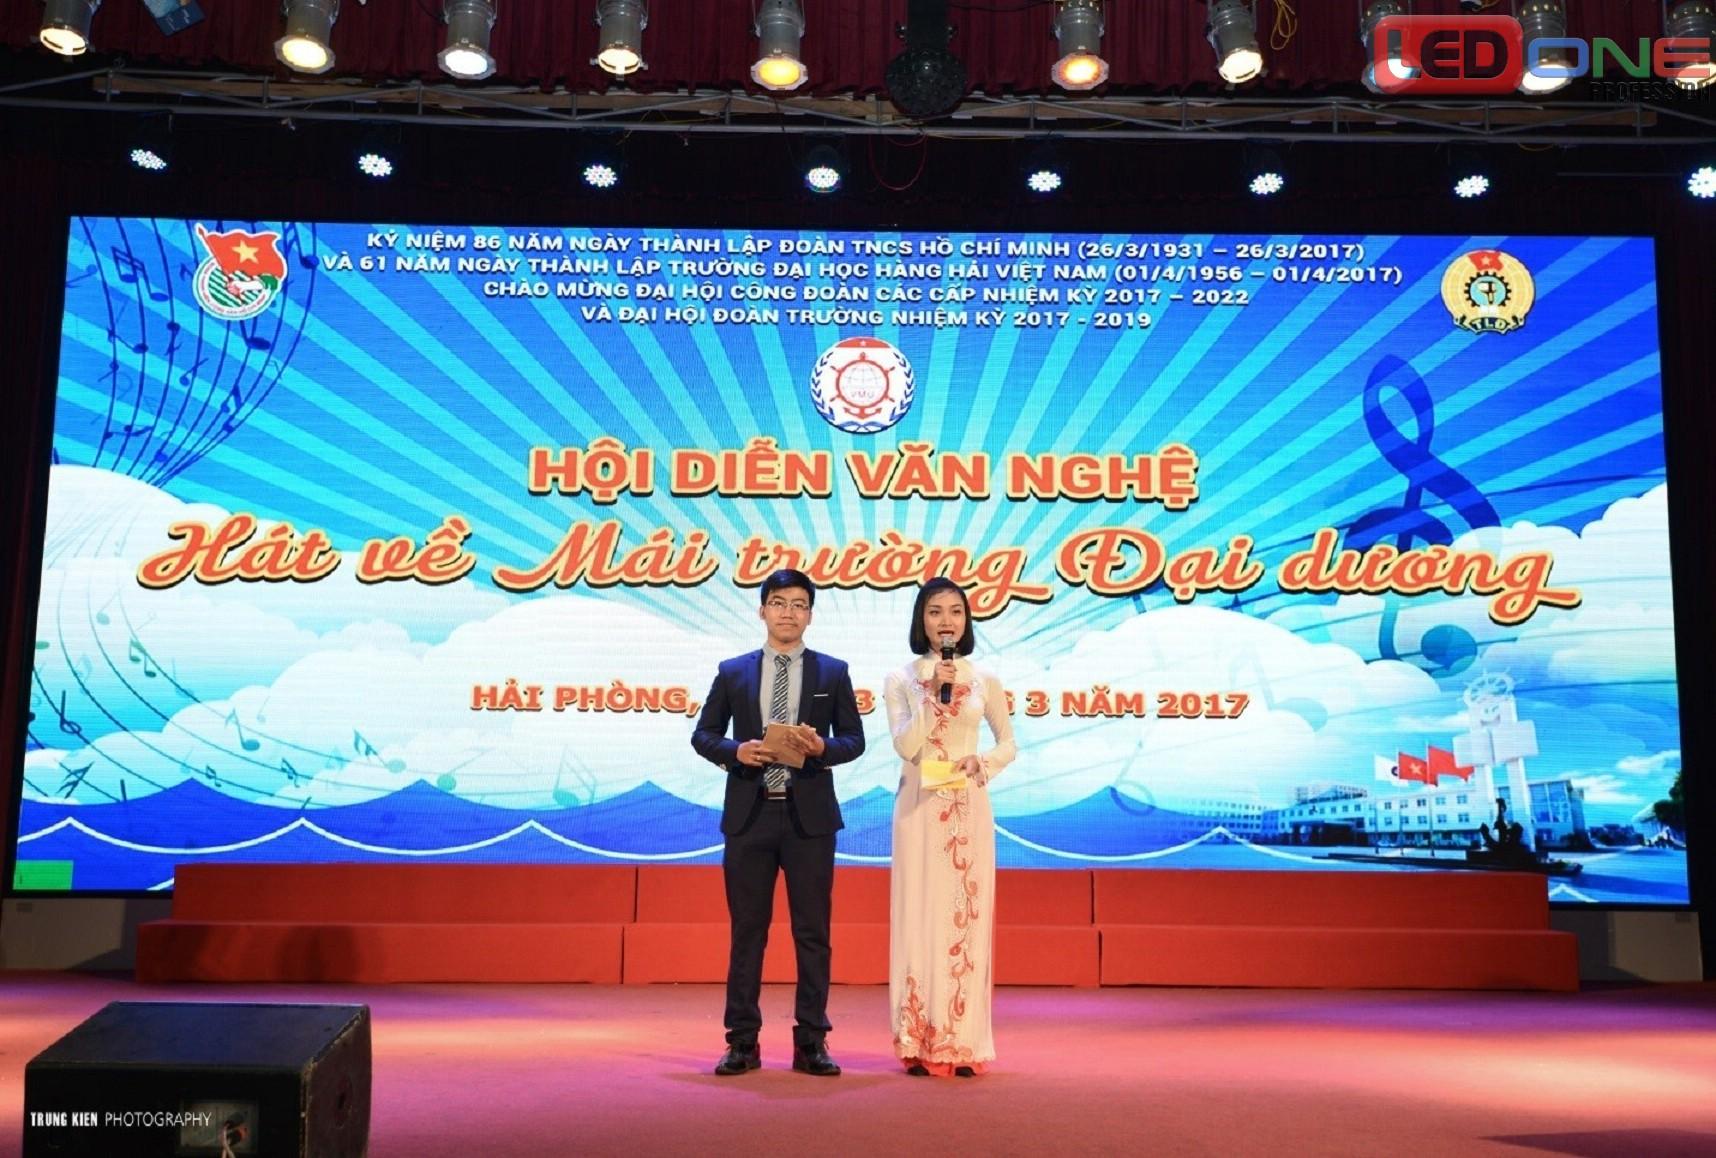 Màn hình Led p5 hội trường tại trường Đại Học hàng hải Việt Nam